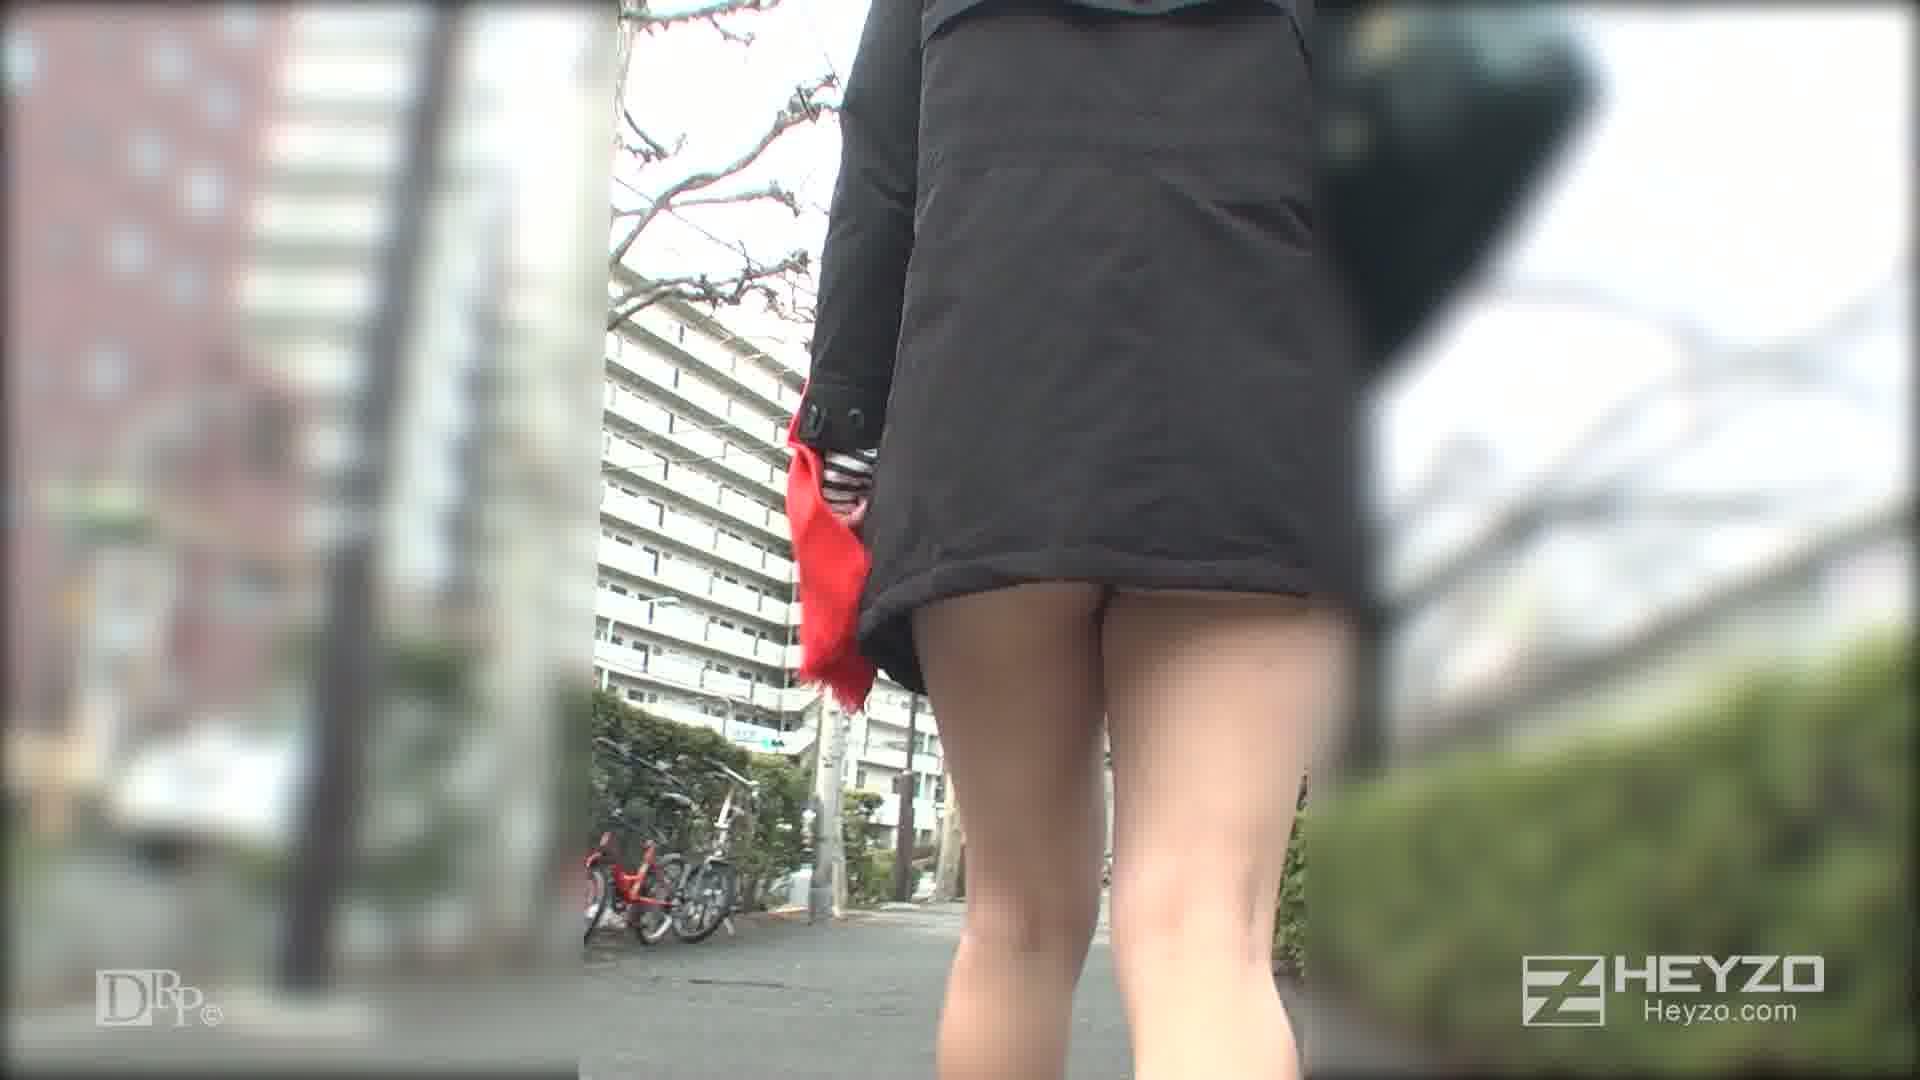 都会の色に染まった上京Hカップガール - 新山かえで【脱衣 乳モミ キス 指マン フェラ】